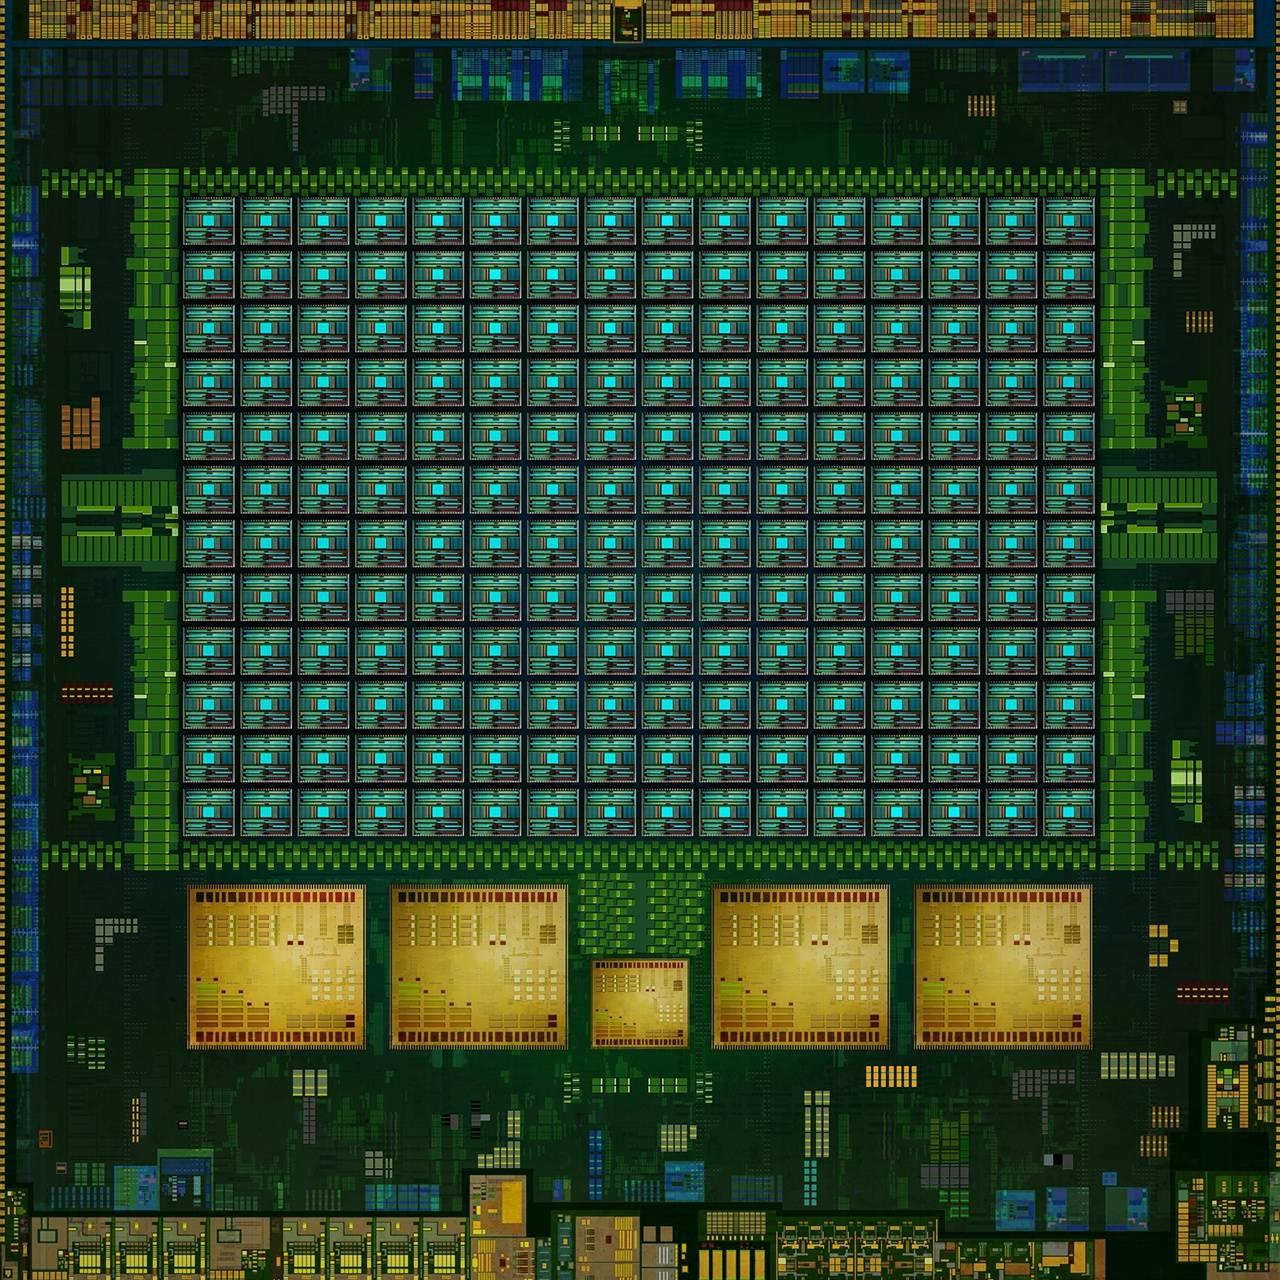 Circuitry K1